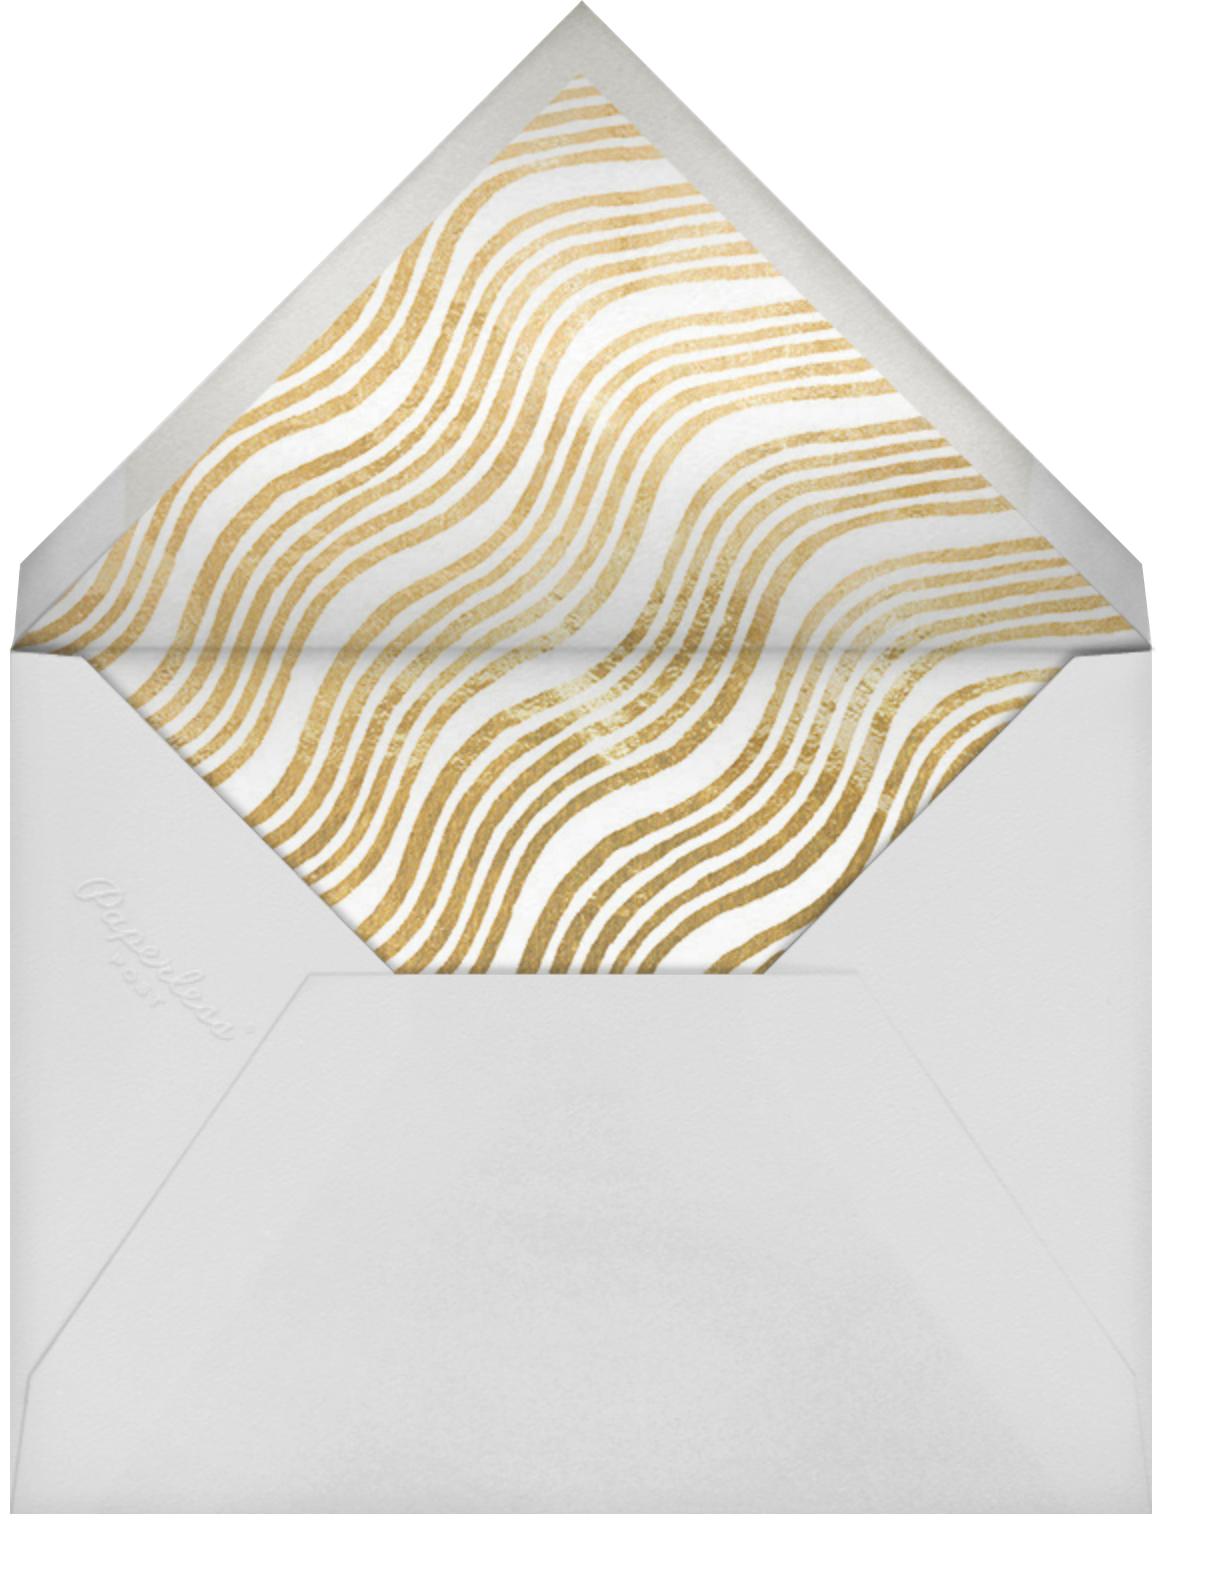 Whisp - Kelly Wearstler - Bridal shower - envelope back